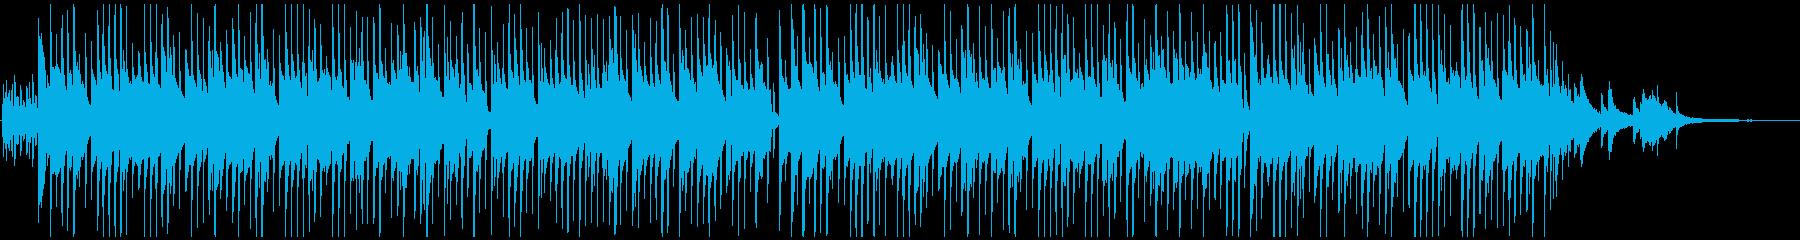 琴とピアノメインの和風BGMの再生済みの波形